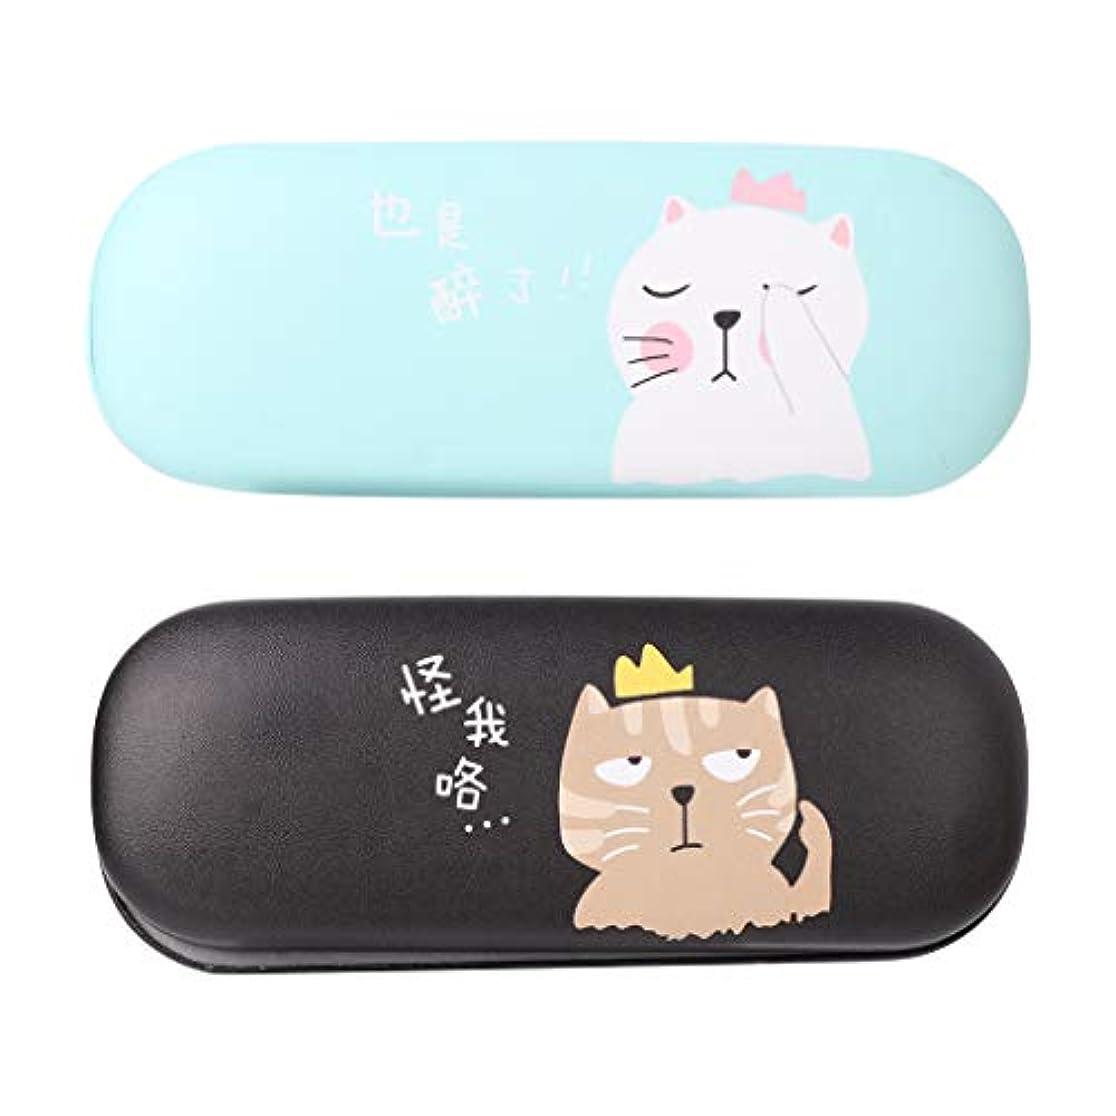 創傷パスタ認証Manyao 眼鏡のポータブルストレージのための眼鏡箱かわいい猫の漫画のハードケースプロテクター